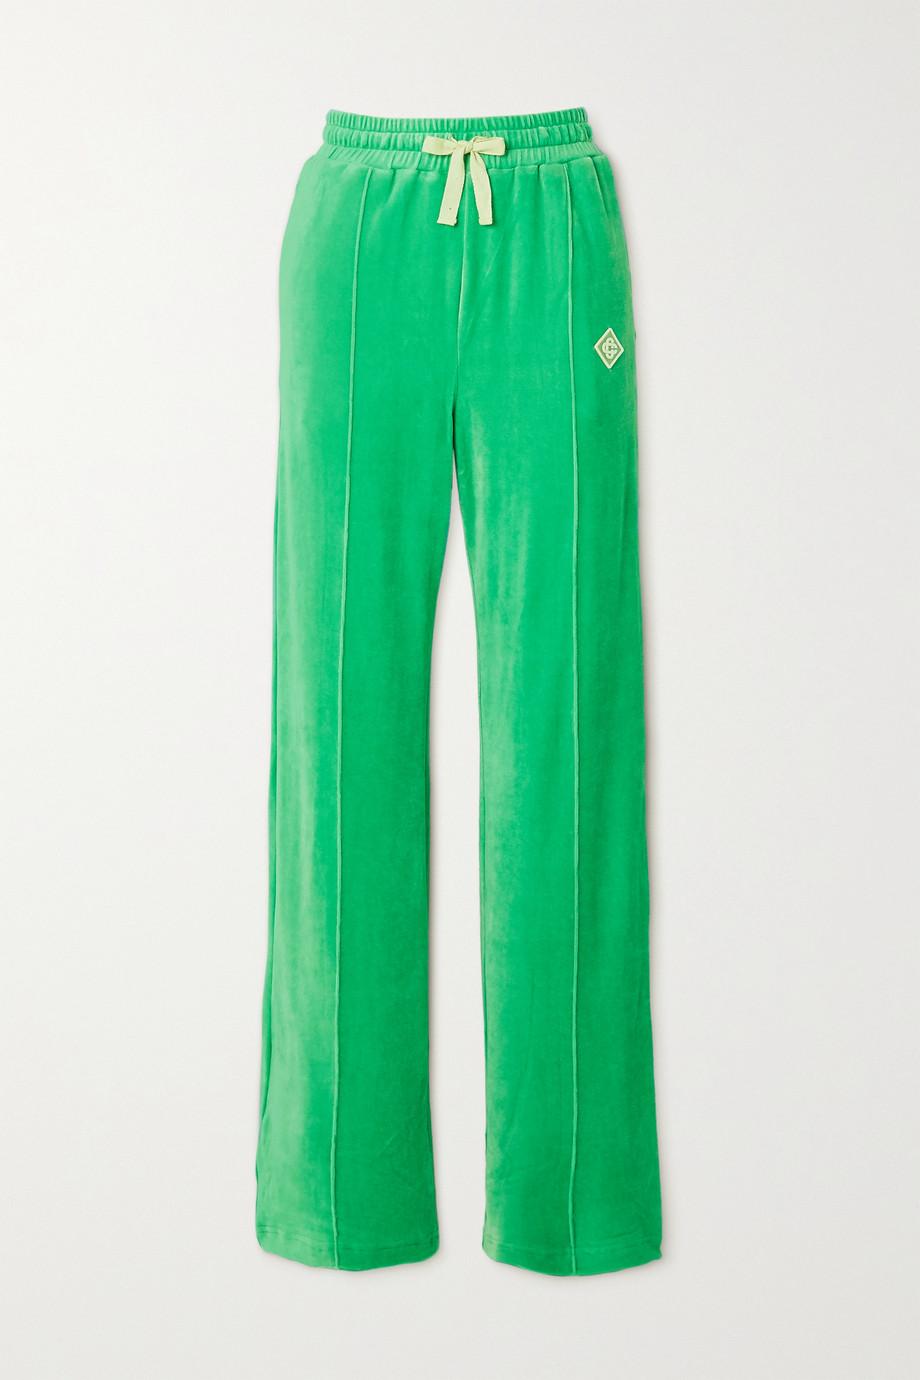 Casablanca Appliquéd velour track pants